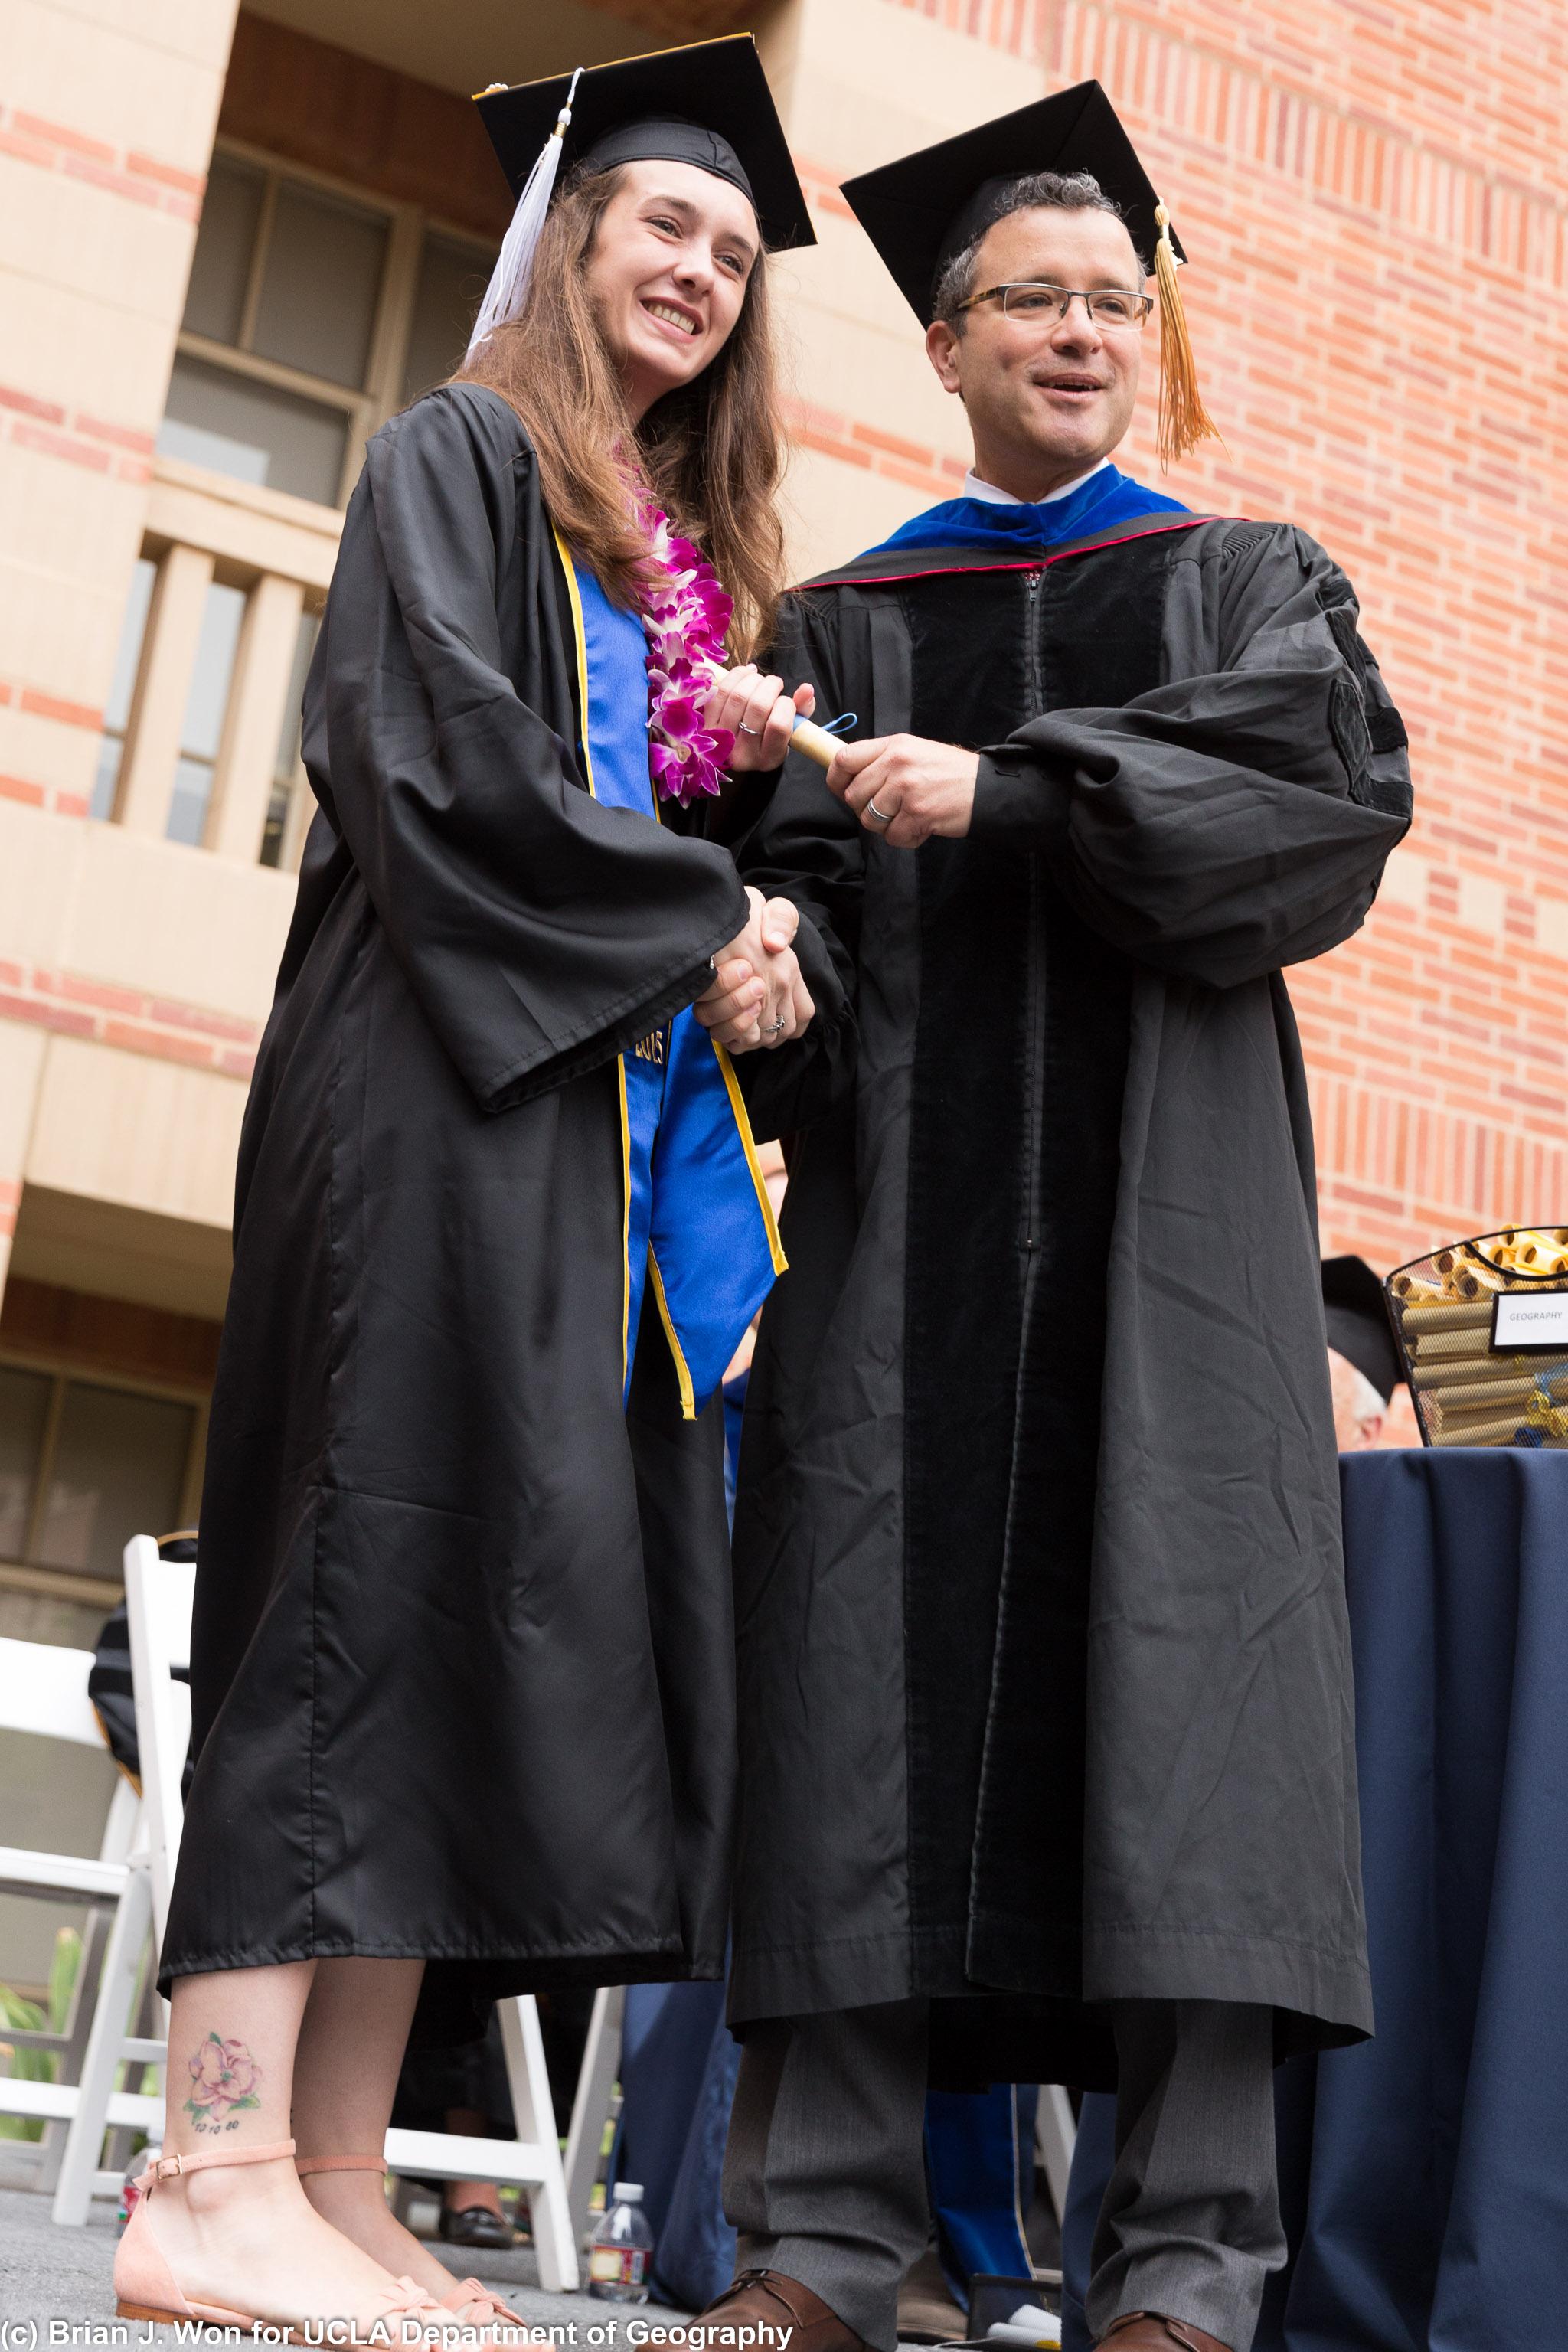 Undergraduates walking on stage